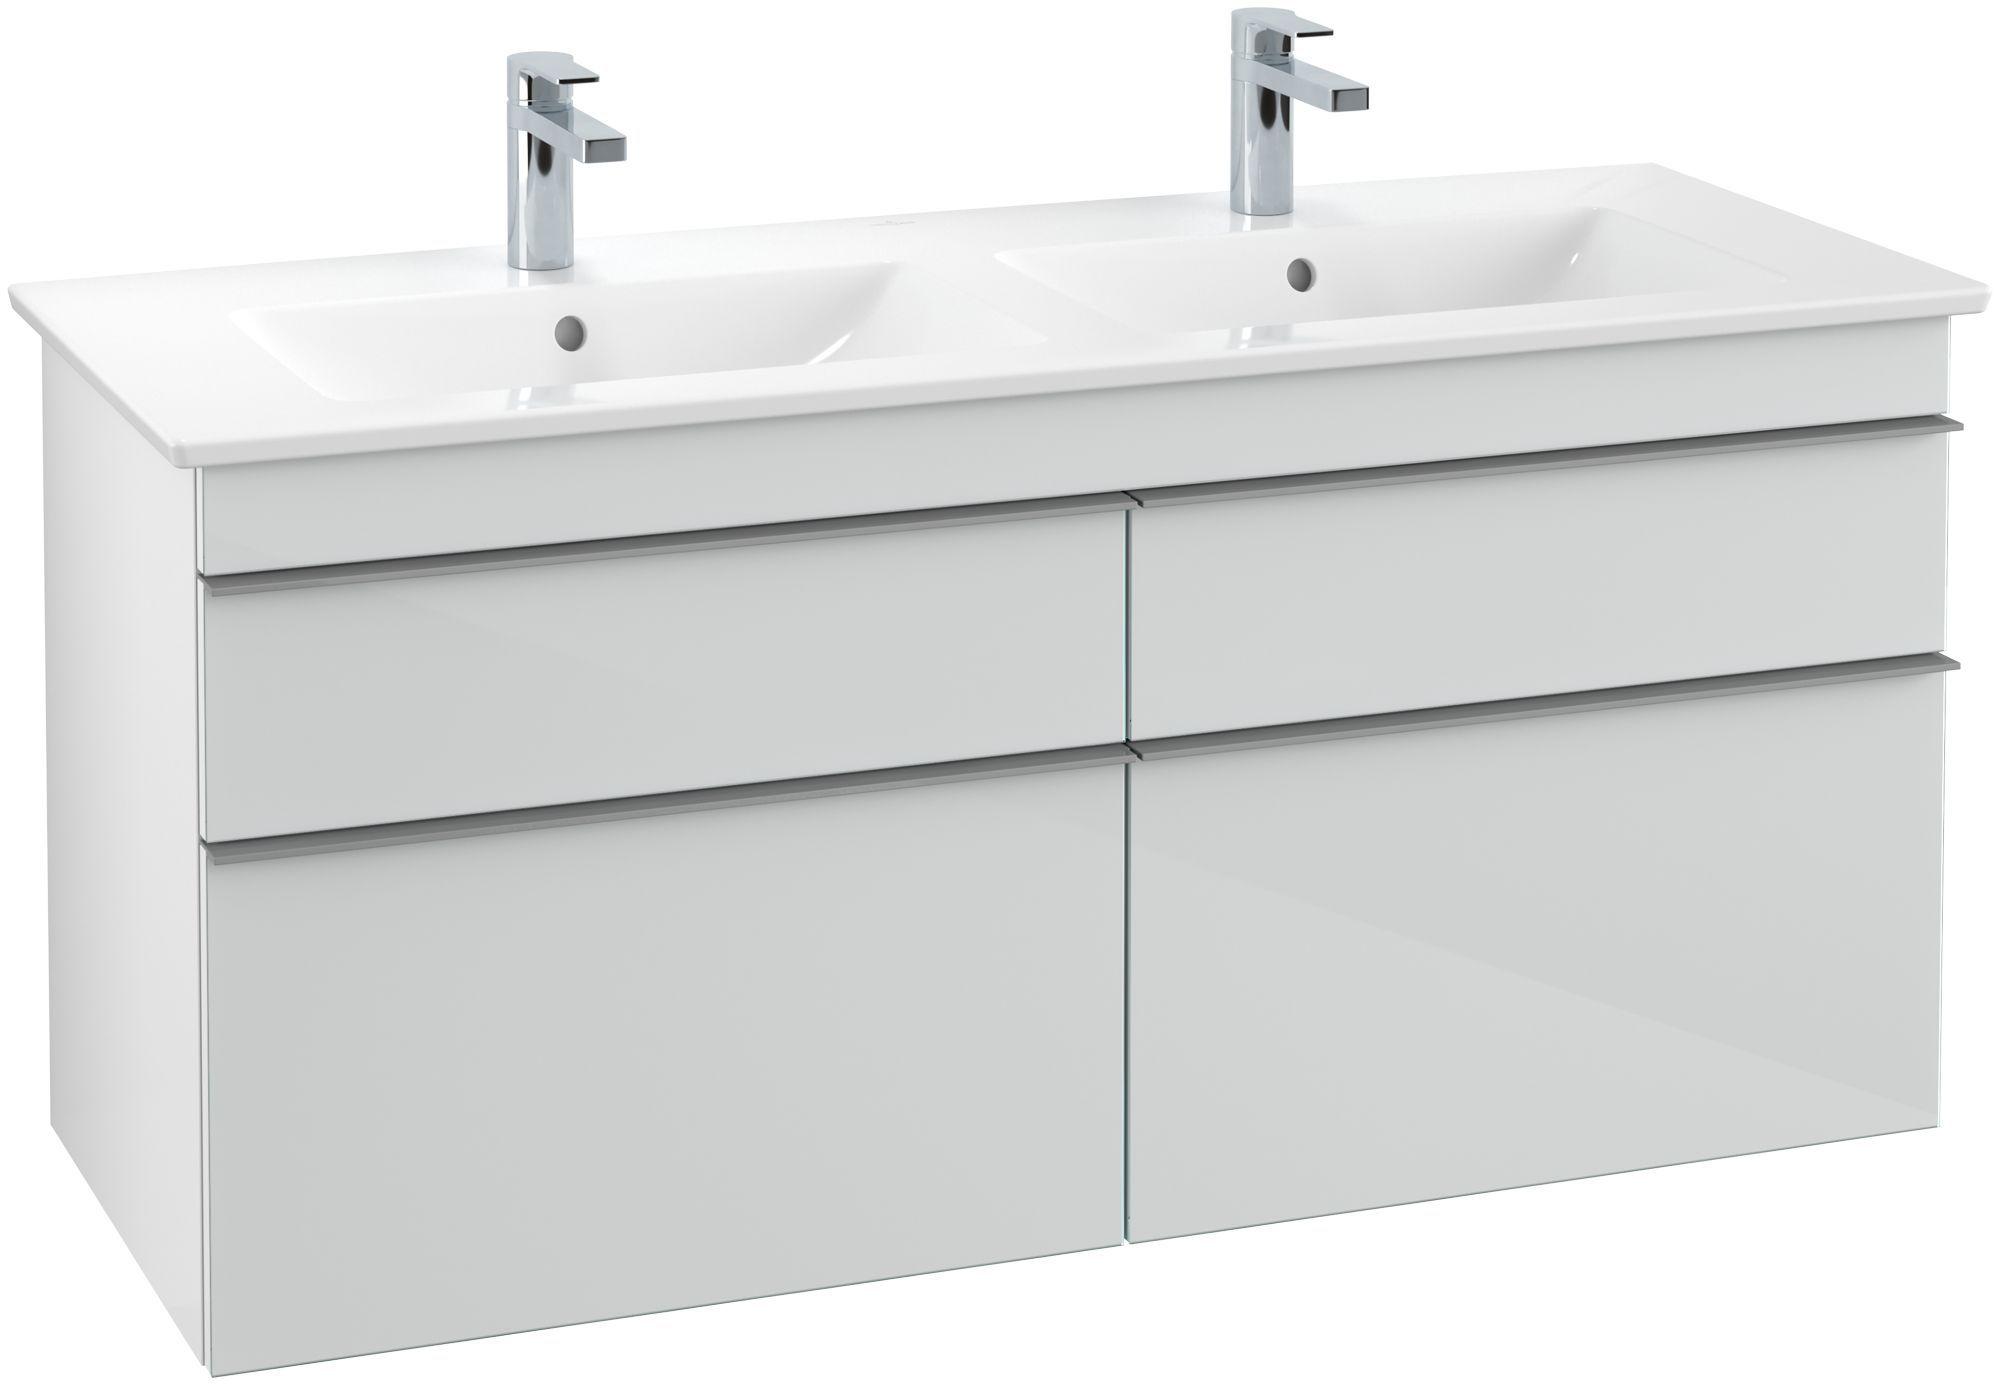 Villeroy & Boch Venticello Waschtischunterschrank 4 Auszüge B:125,3xH:59xT:50,2cm Glas glossy white Griffe grey Griffe grau A93003RE